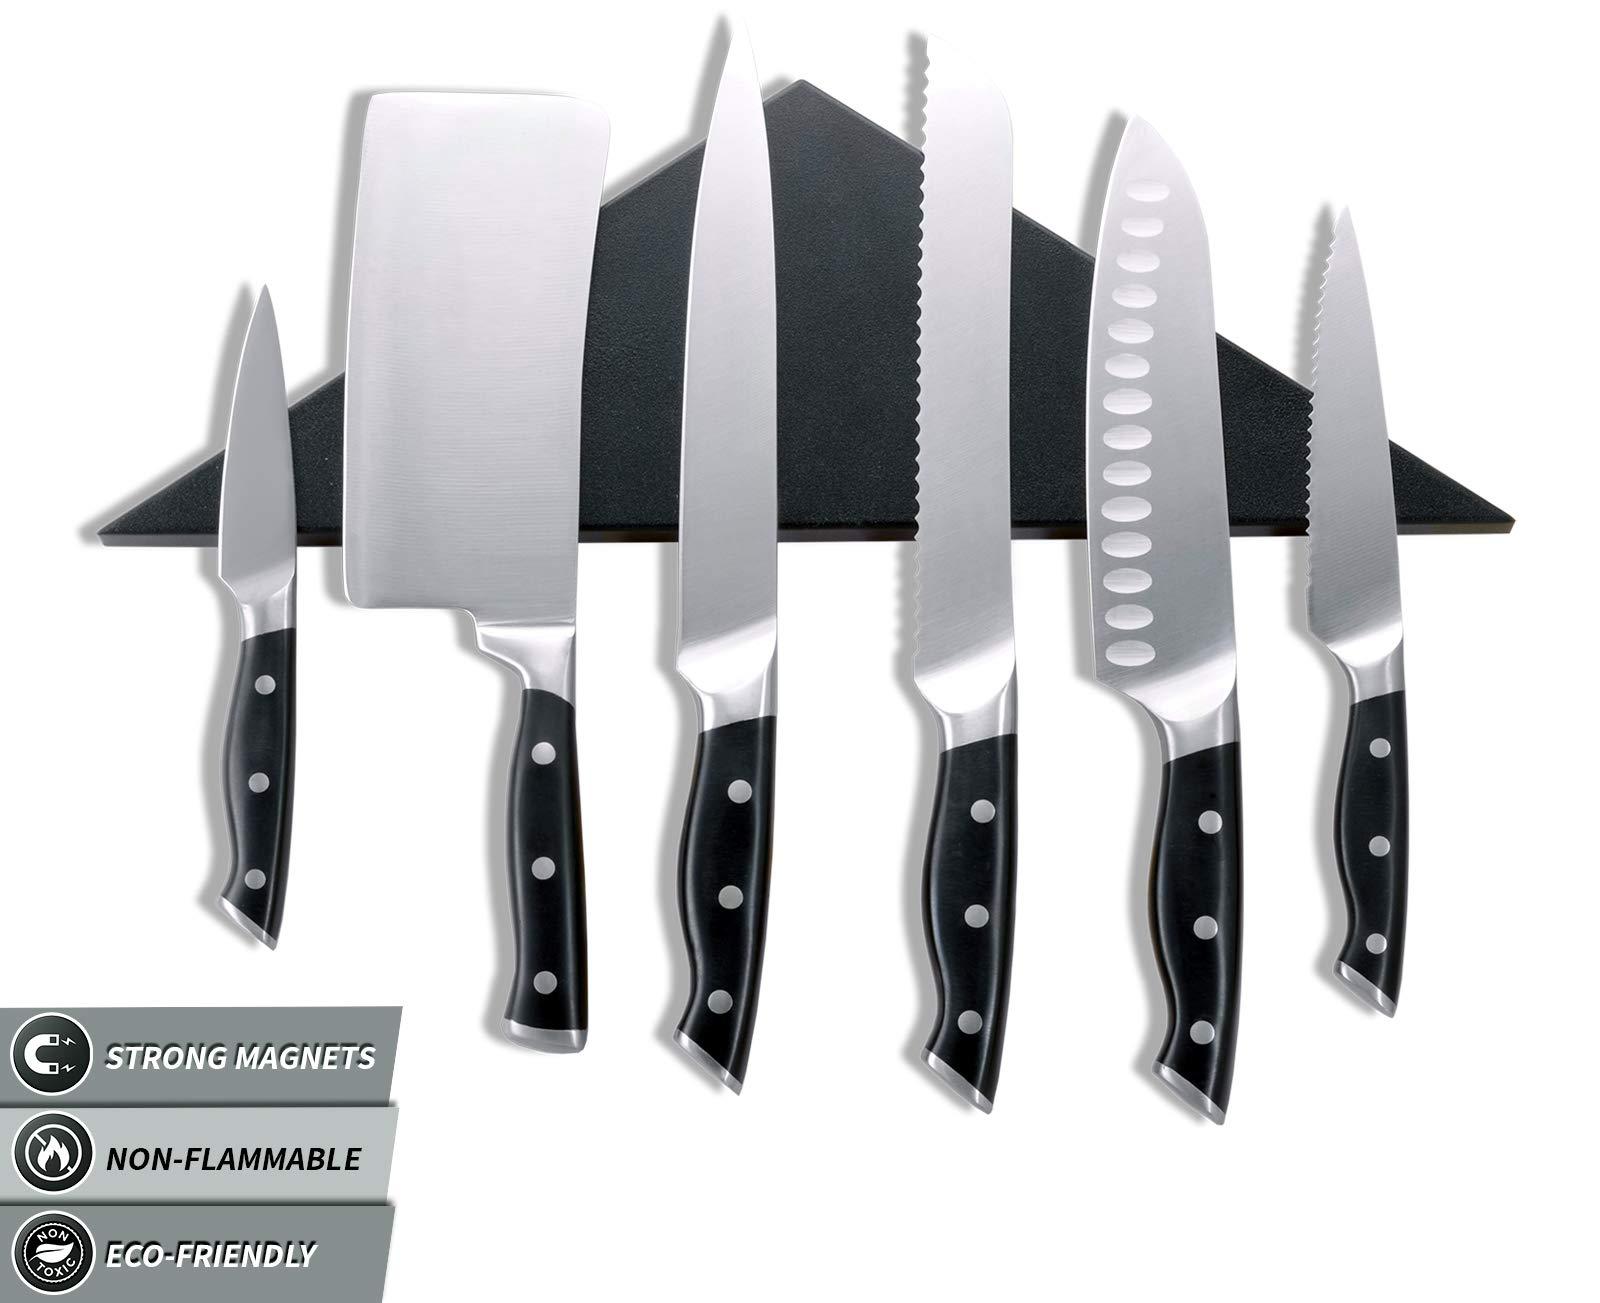 Agadda Premium Designer Stainless Steel Magnetic Knife Holder - Professional Magnetic Knife Strip/Knife Bar/Knife Rack - 17 inch (Black) by Agadda (Image #7)